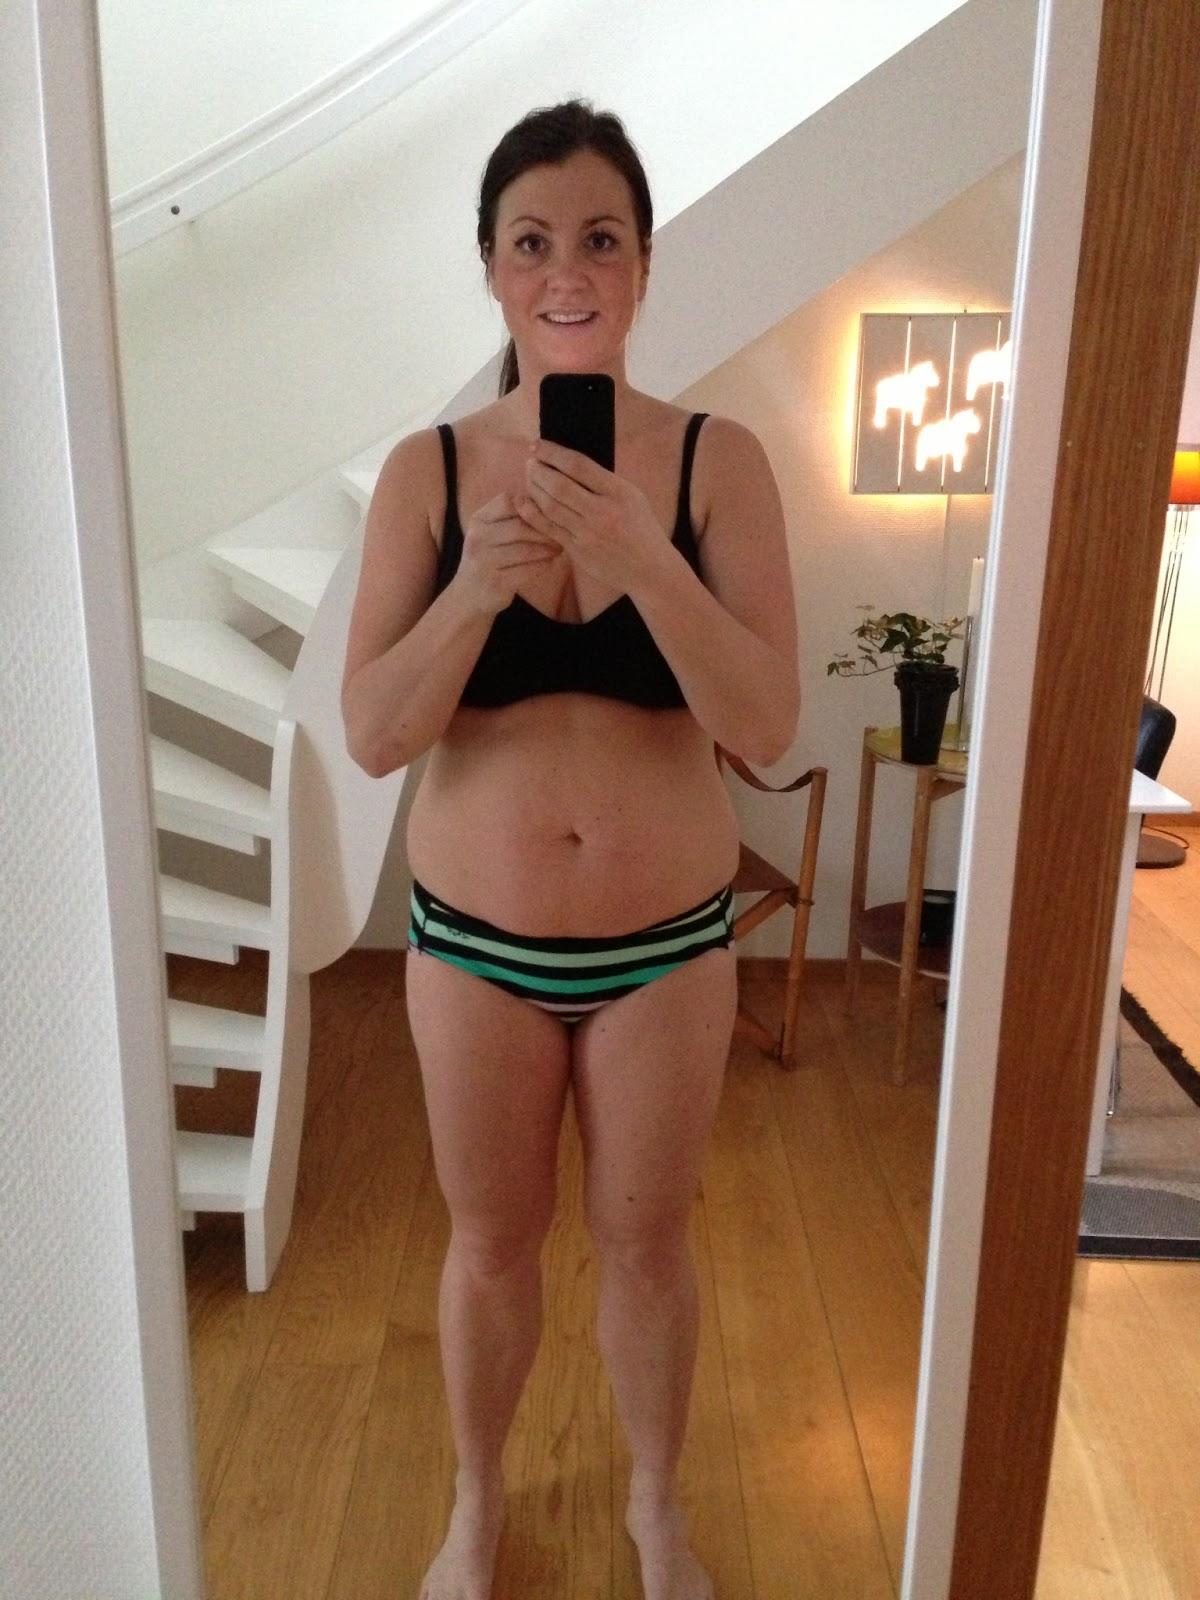 webbkamera sex hårt kön i Göteborg